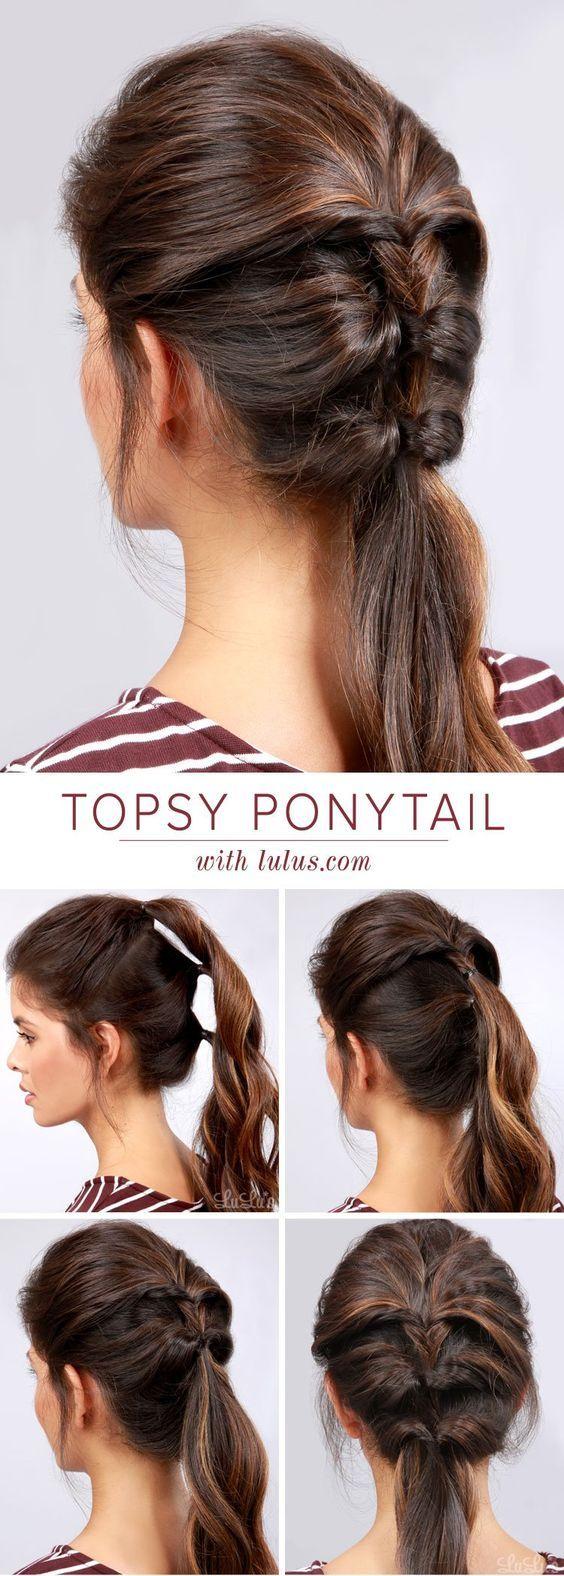 15 elegantes peinados de tutoriales paso a paso que absolutamente tienes que mirar